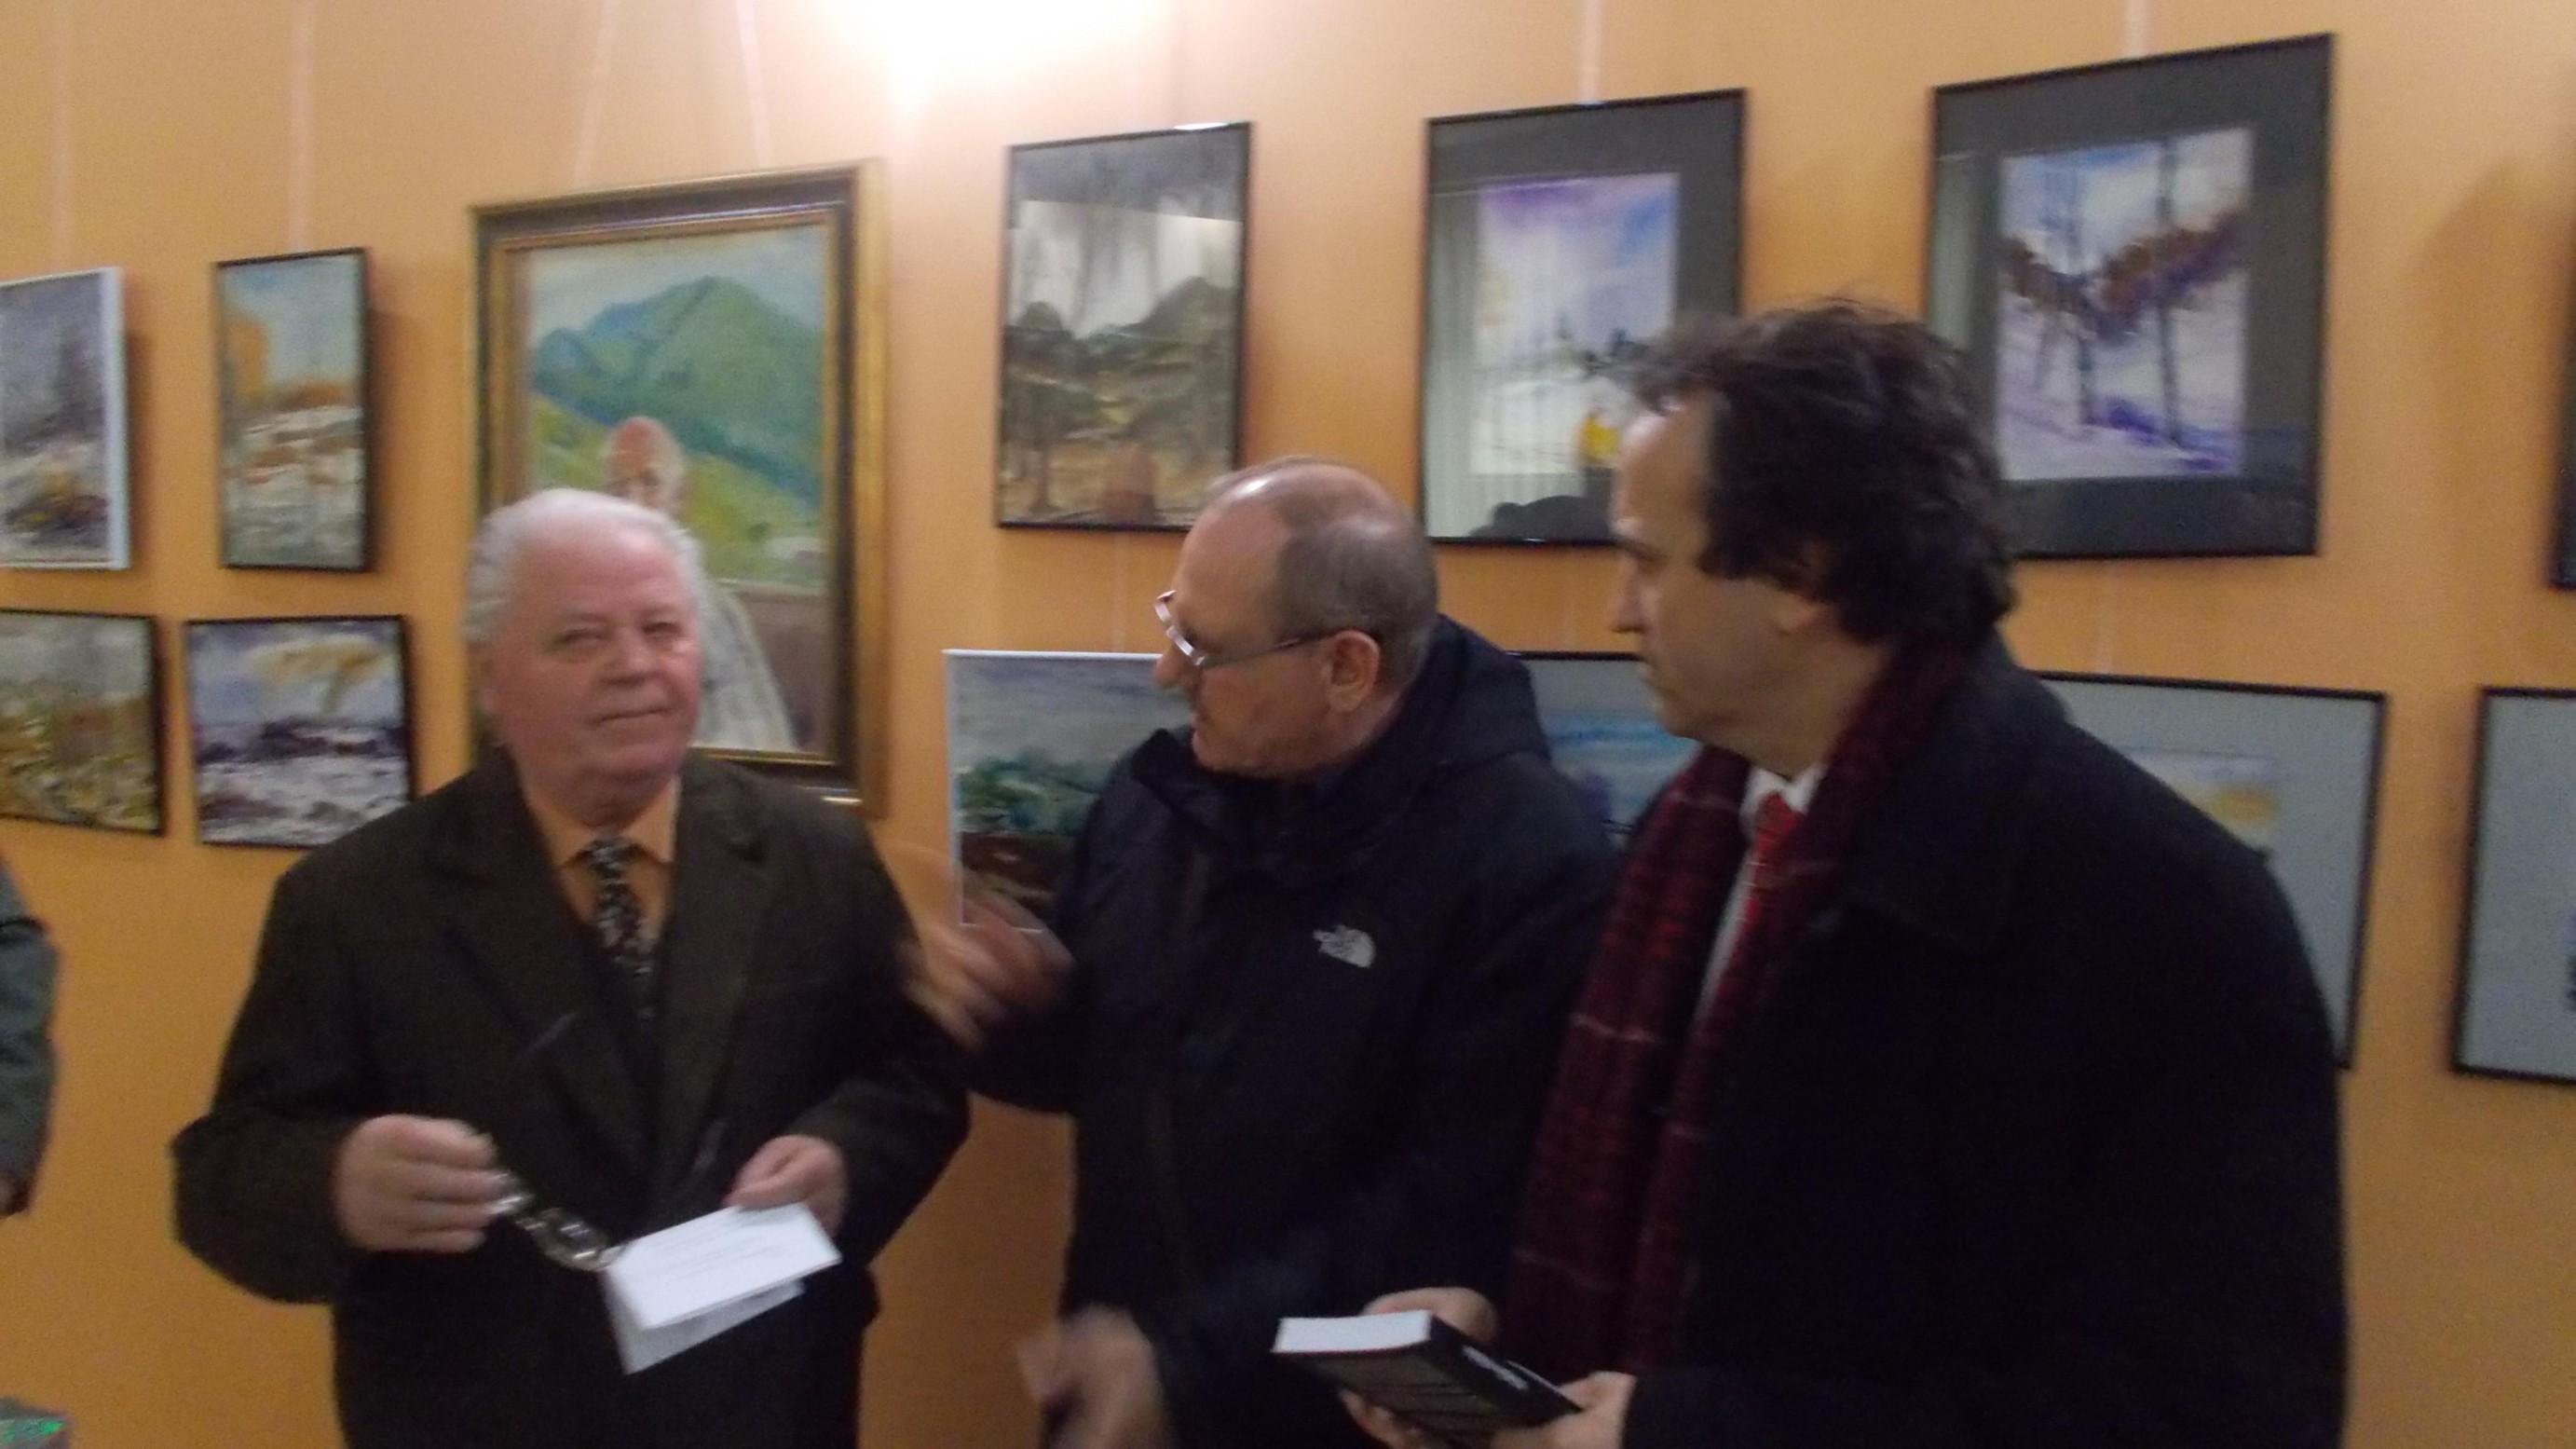 Somităţile culturii bucovinene: Constantin Arcu şi Mircea A. Deaconu